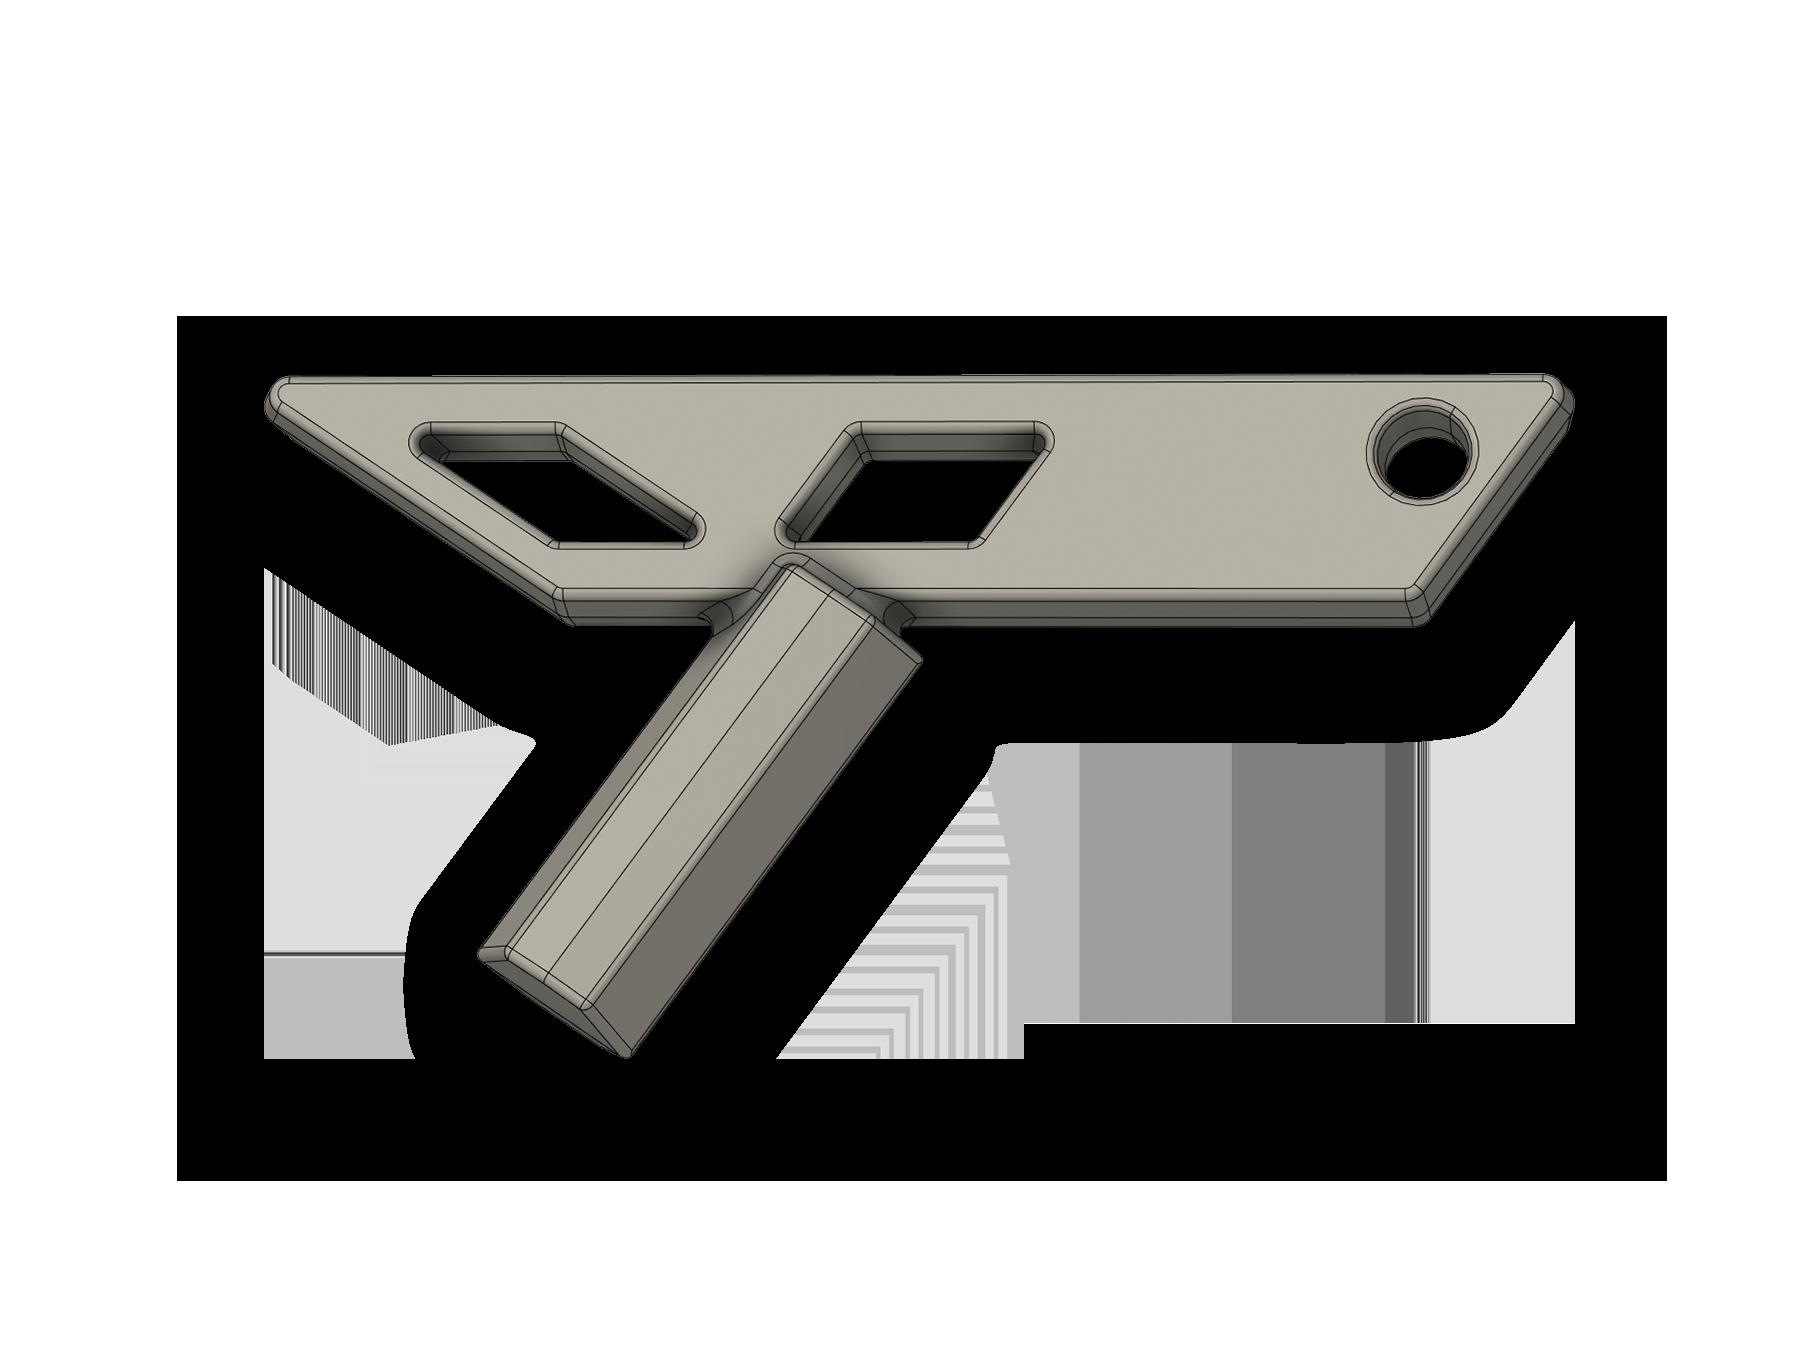 Sleutel_BeeldMateriaal_4_(optimalisatie)-transparant